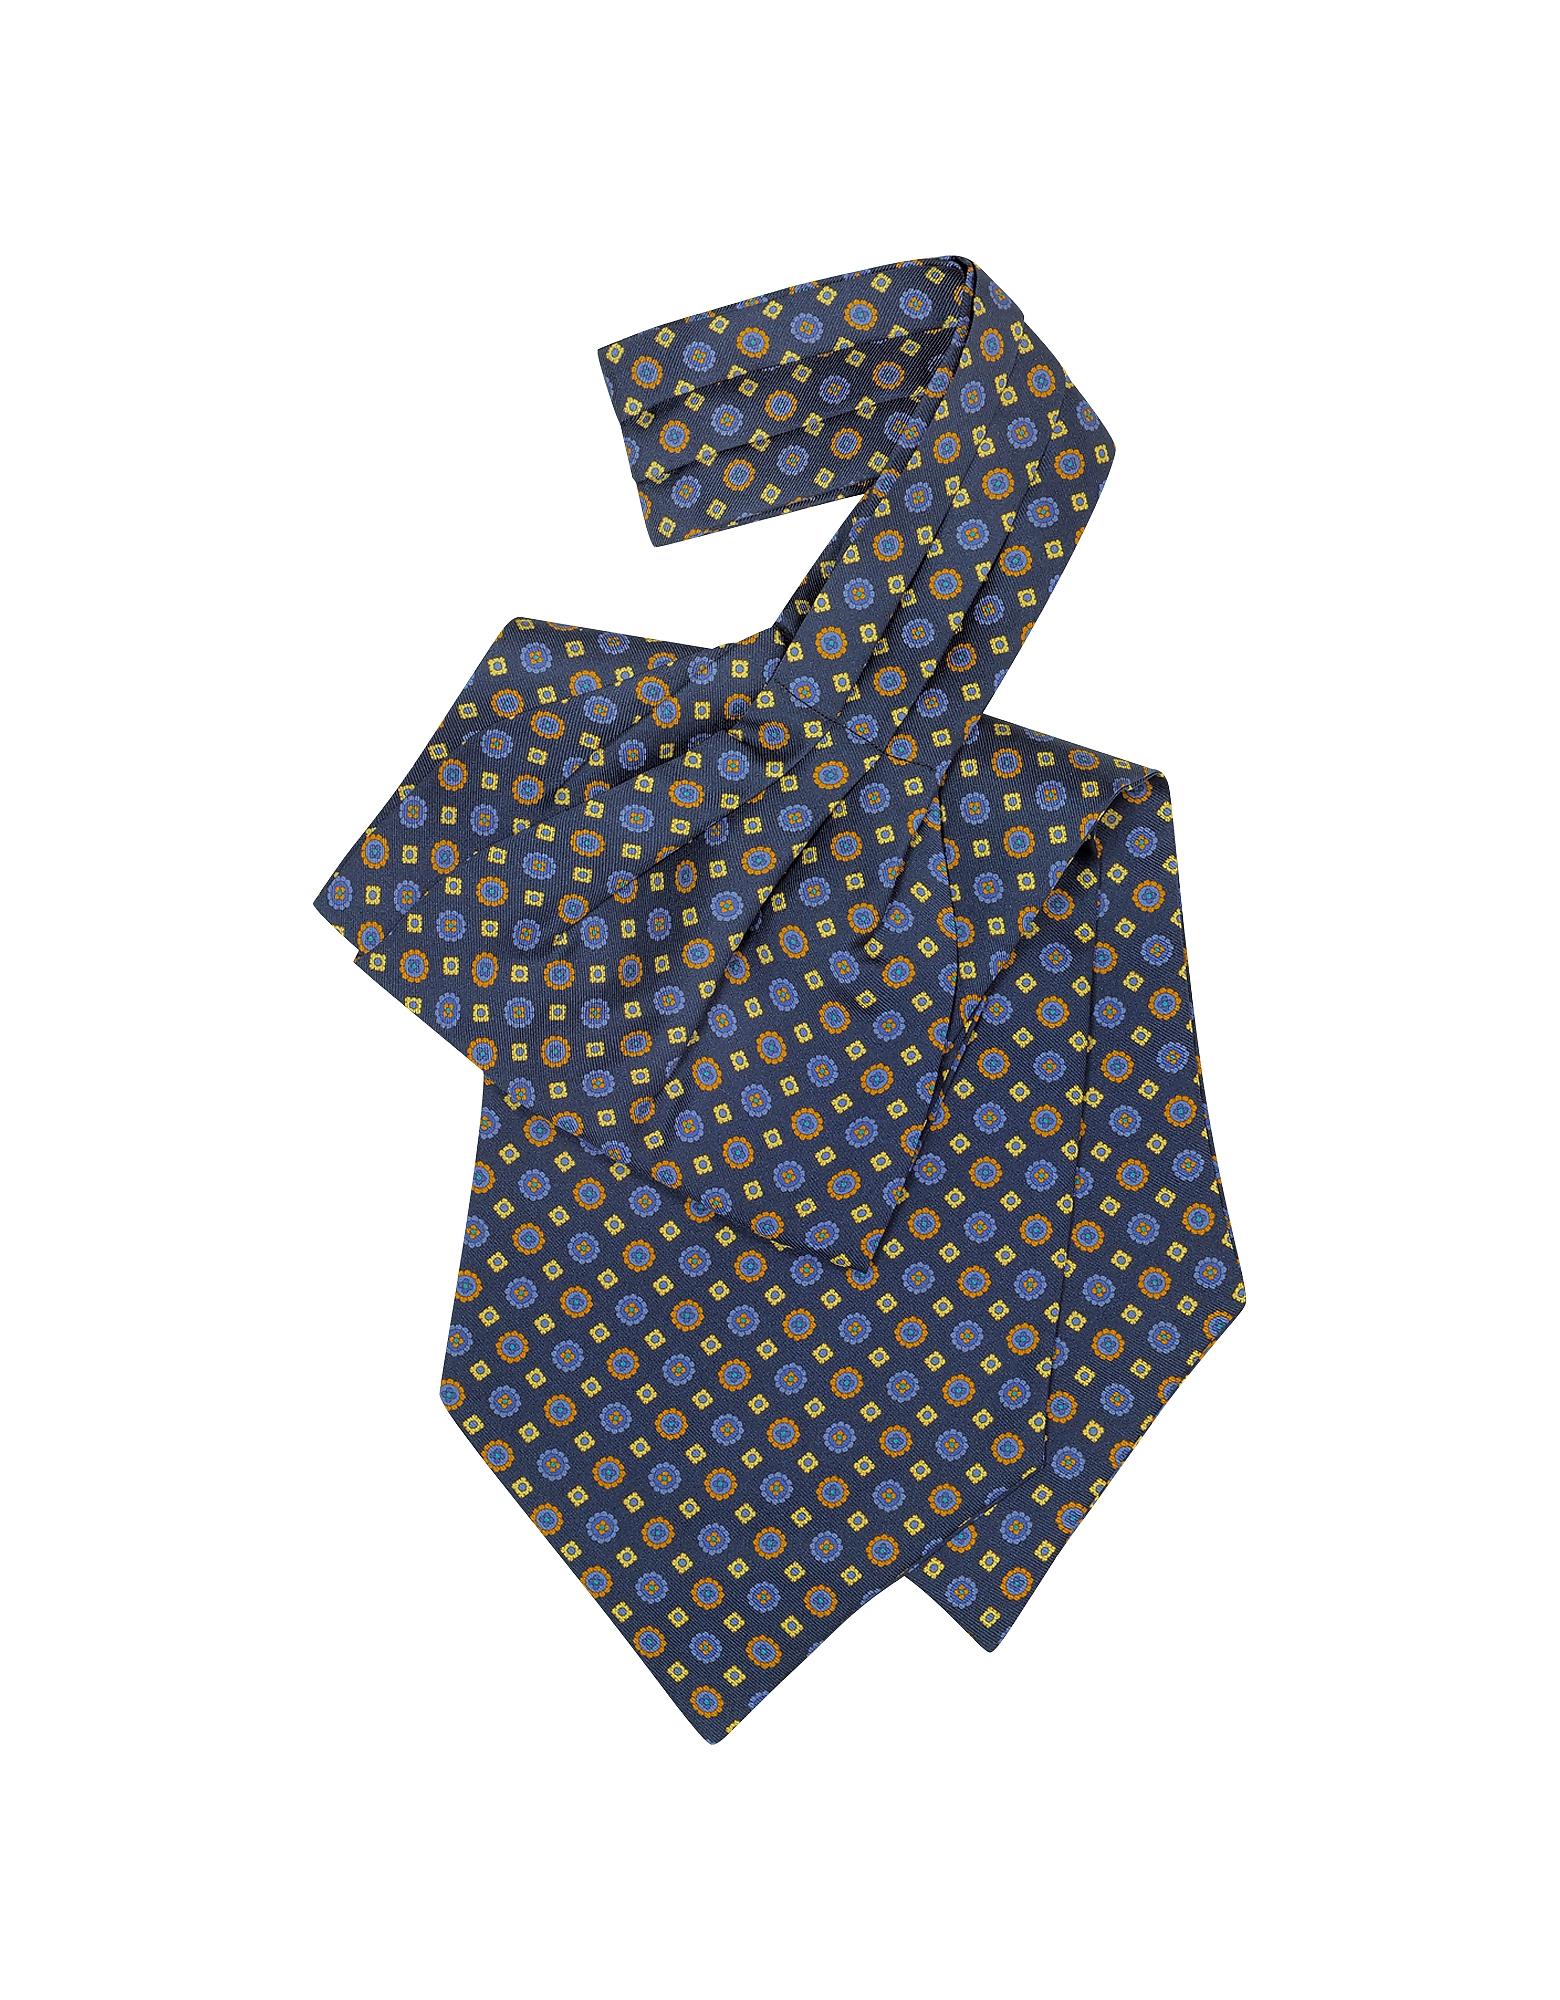 Forzieri Ascot ties, Floral Print Silk Tie Ascot